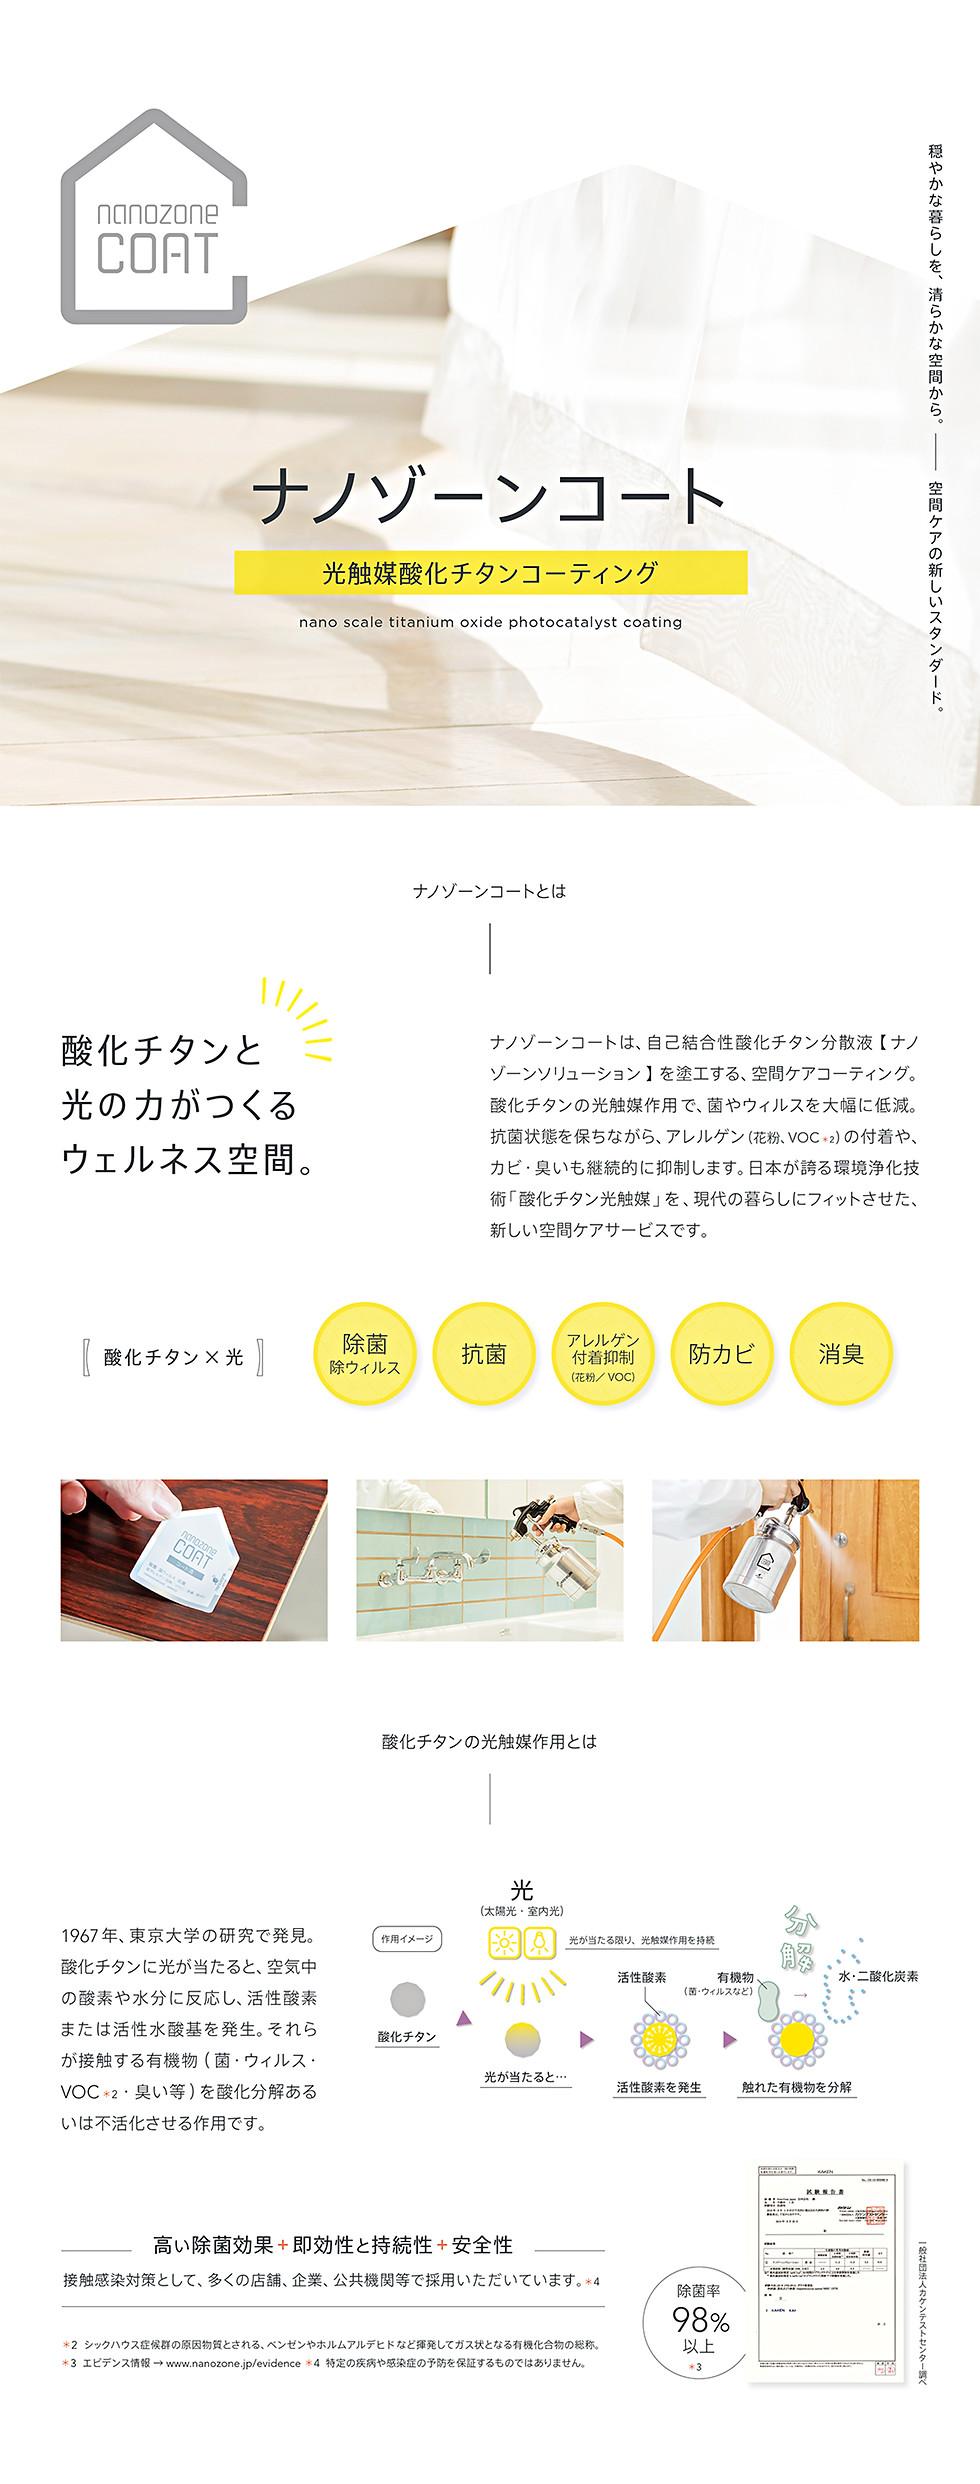 nanozone_COAT_001.jpg